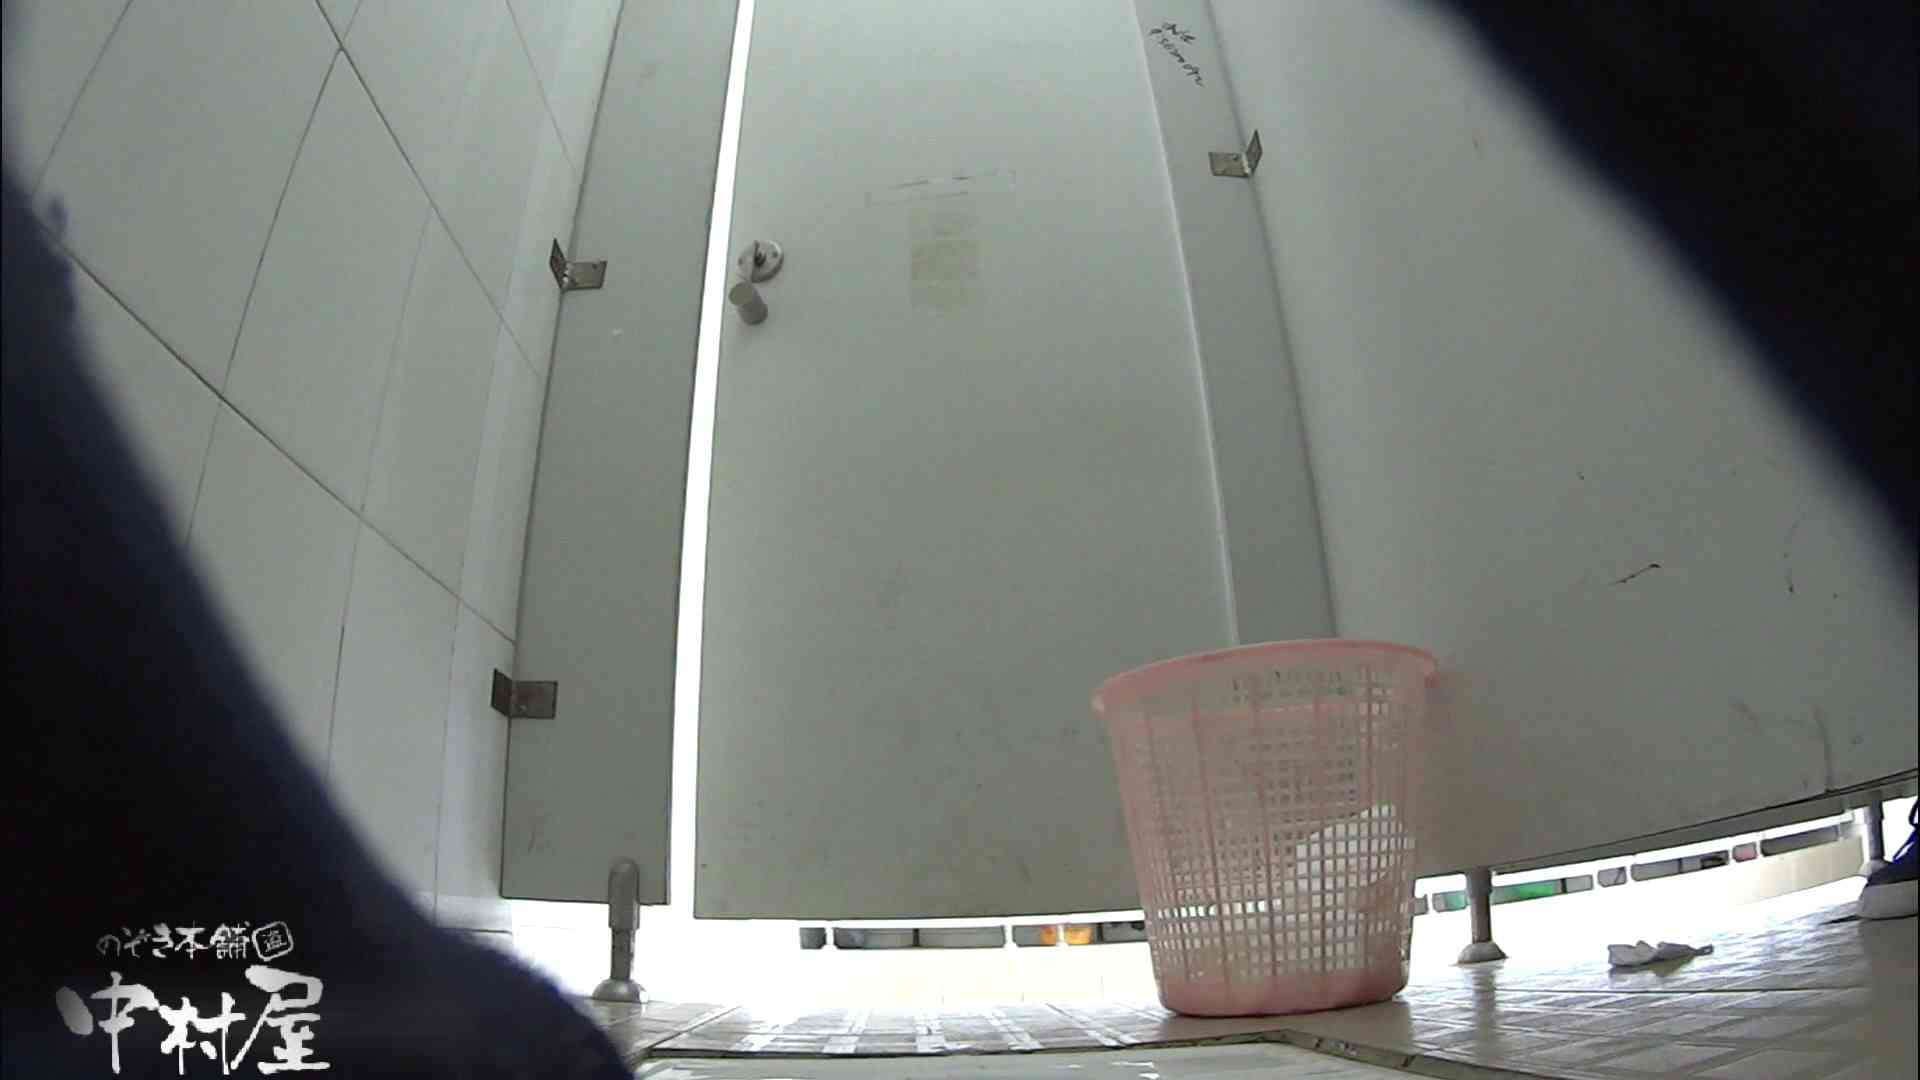 名大学休憩時間の洗面所事情01 盗撮師作品 盗み撮り動画キャプチャ 95pic 74